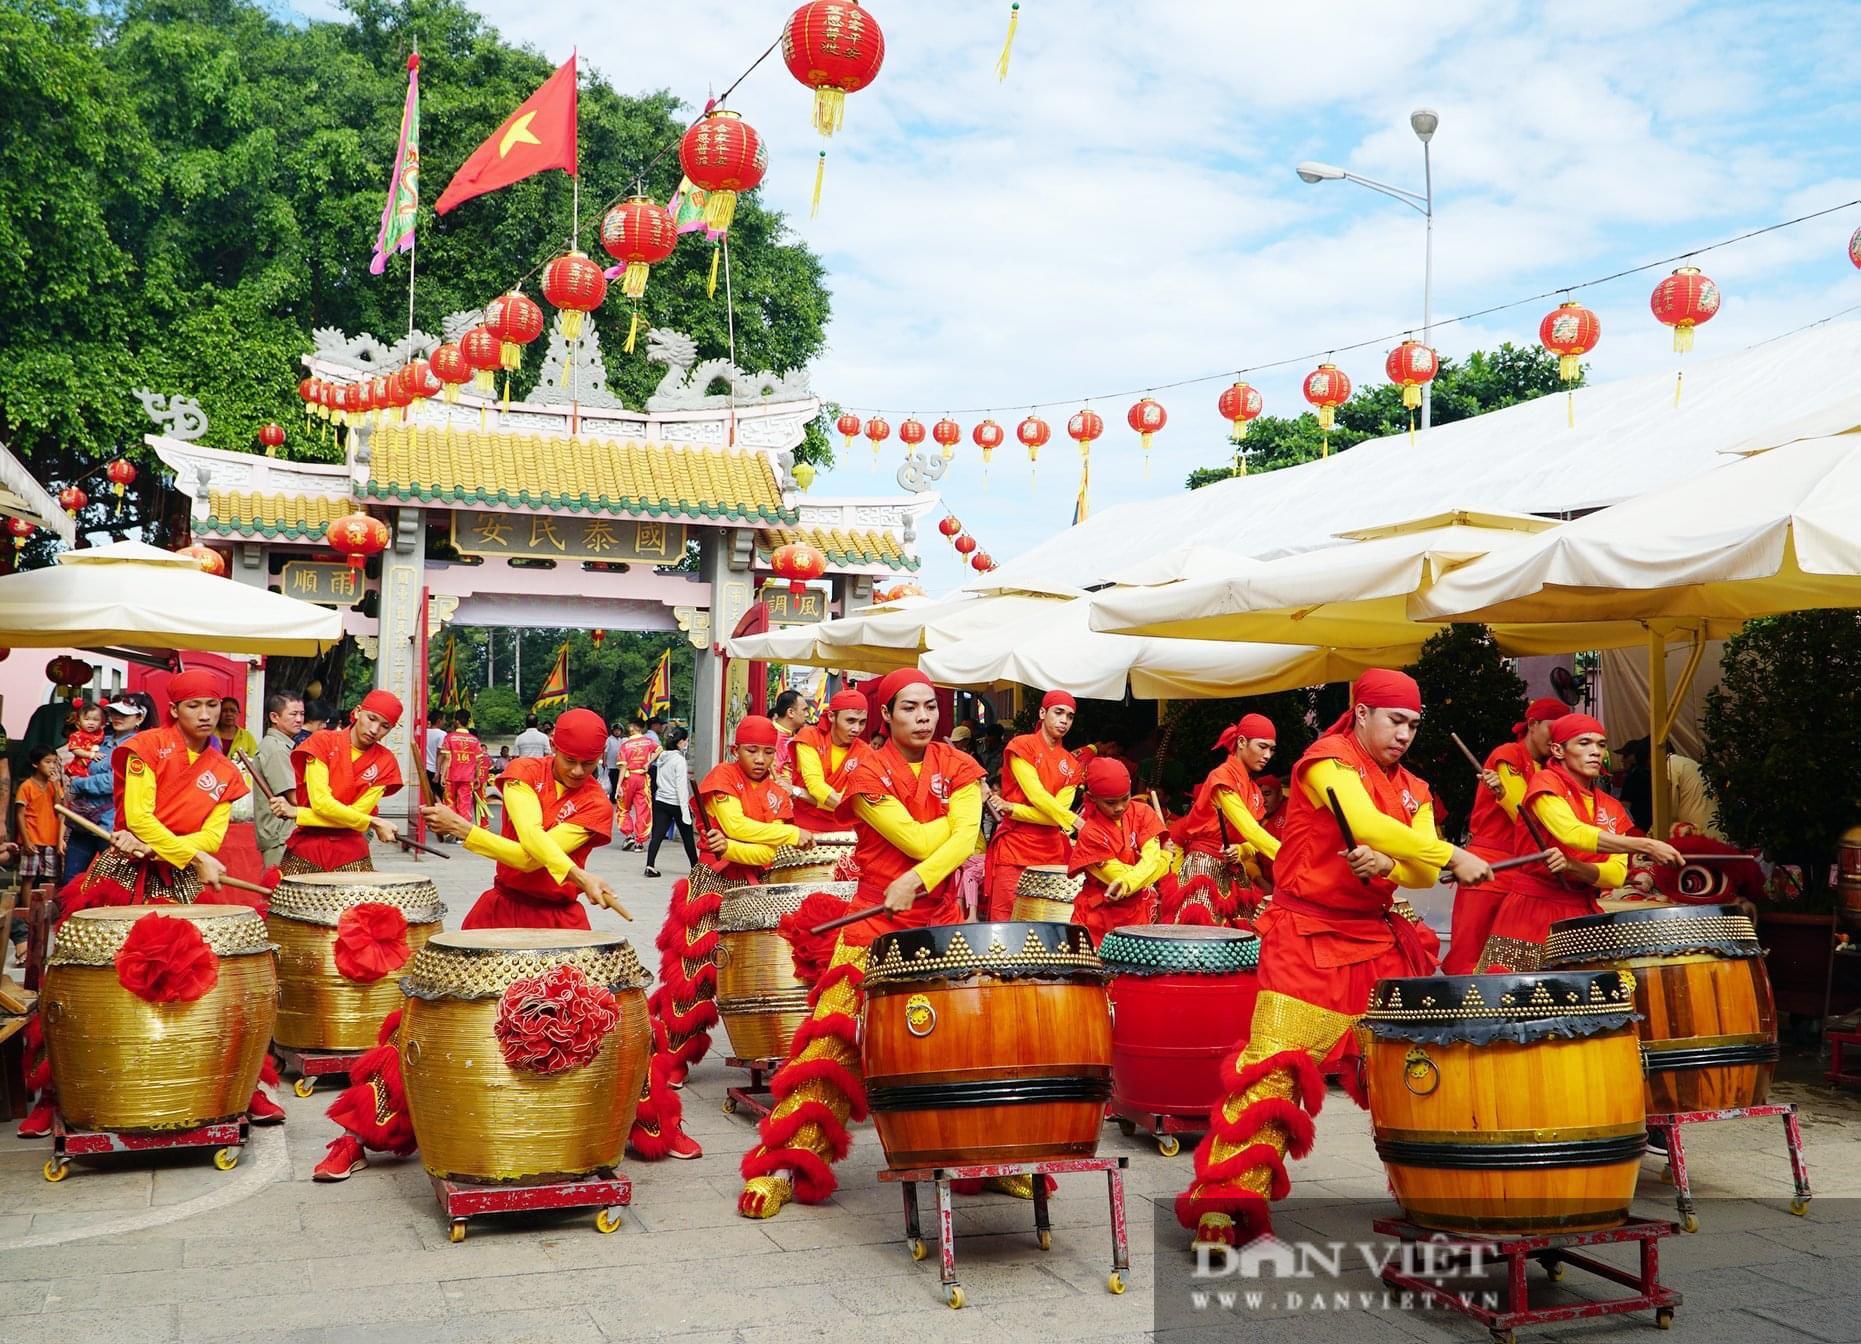 Thất phủ cổ miếu: Ngôi chùa Hoa đầu tiên ở Nam Bộ, nơi giao thoa giữa hai nền văn hoá Việt – Hoa - Ảnh 13.